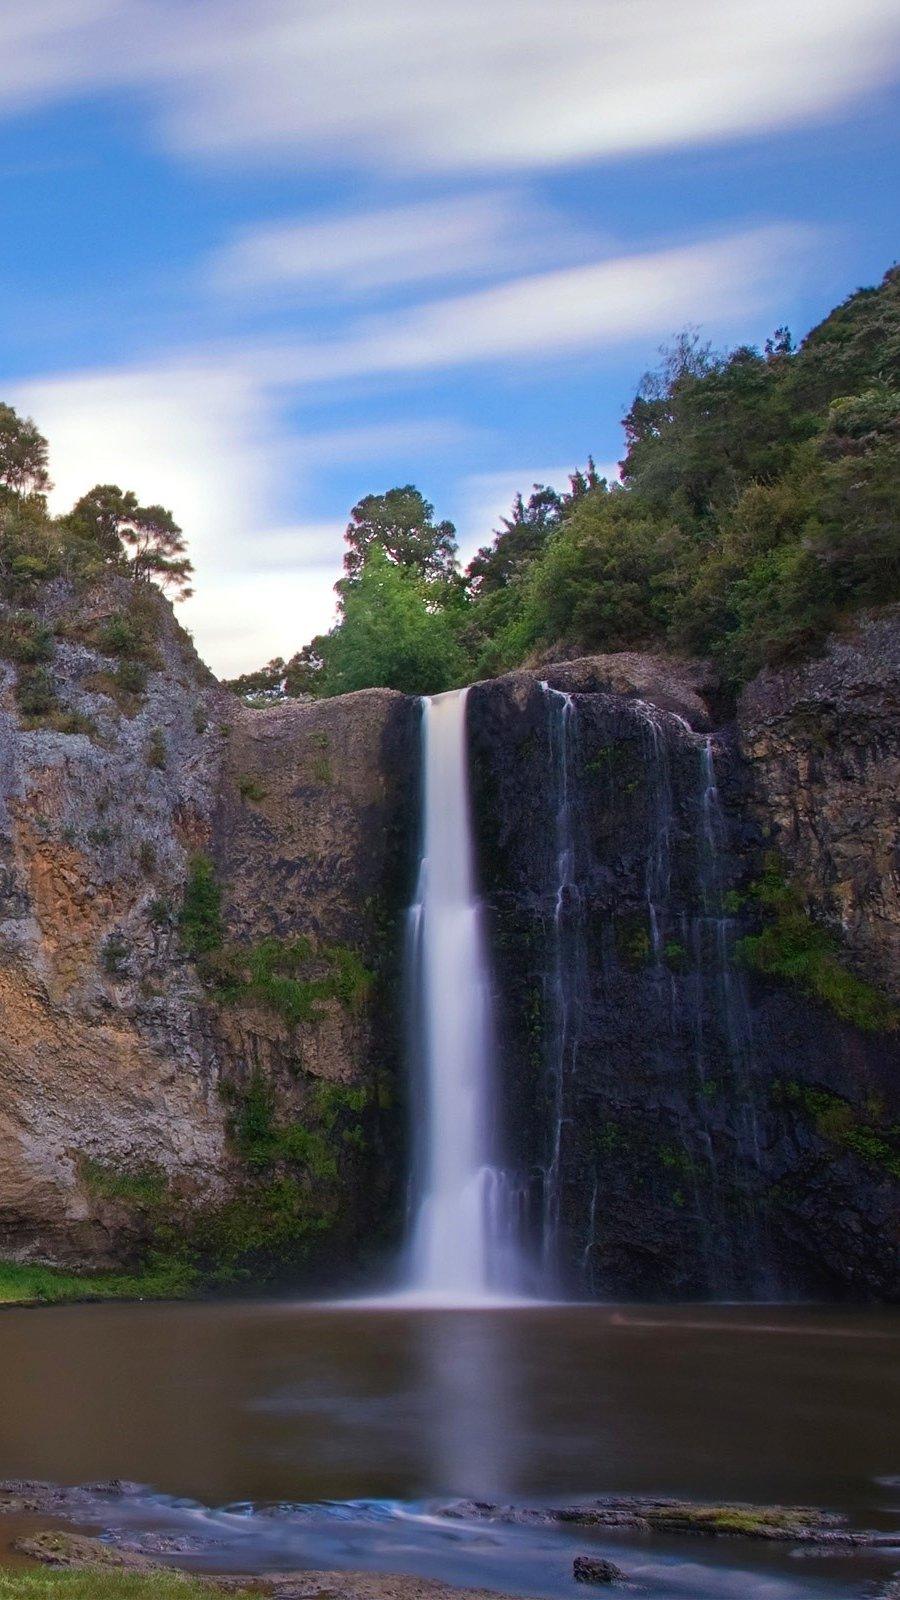 Wallpaper Hunua Waterfalls in New Zealand Vertical